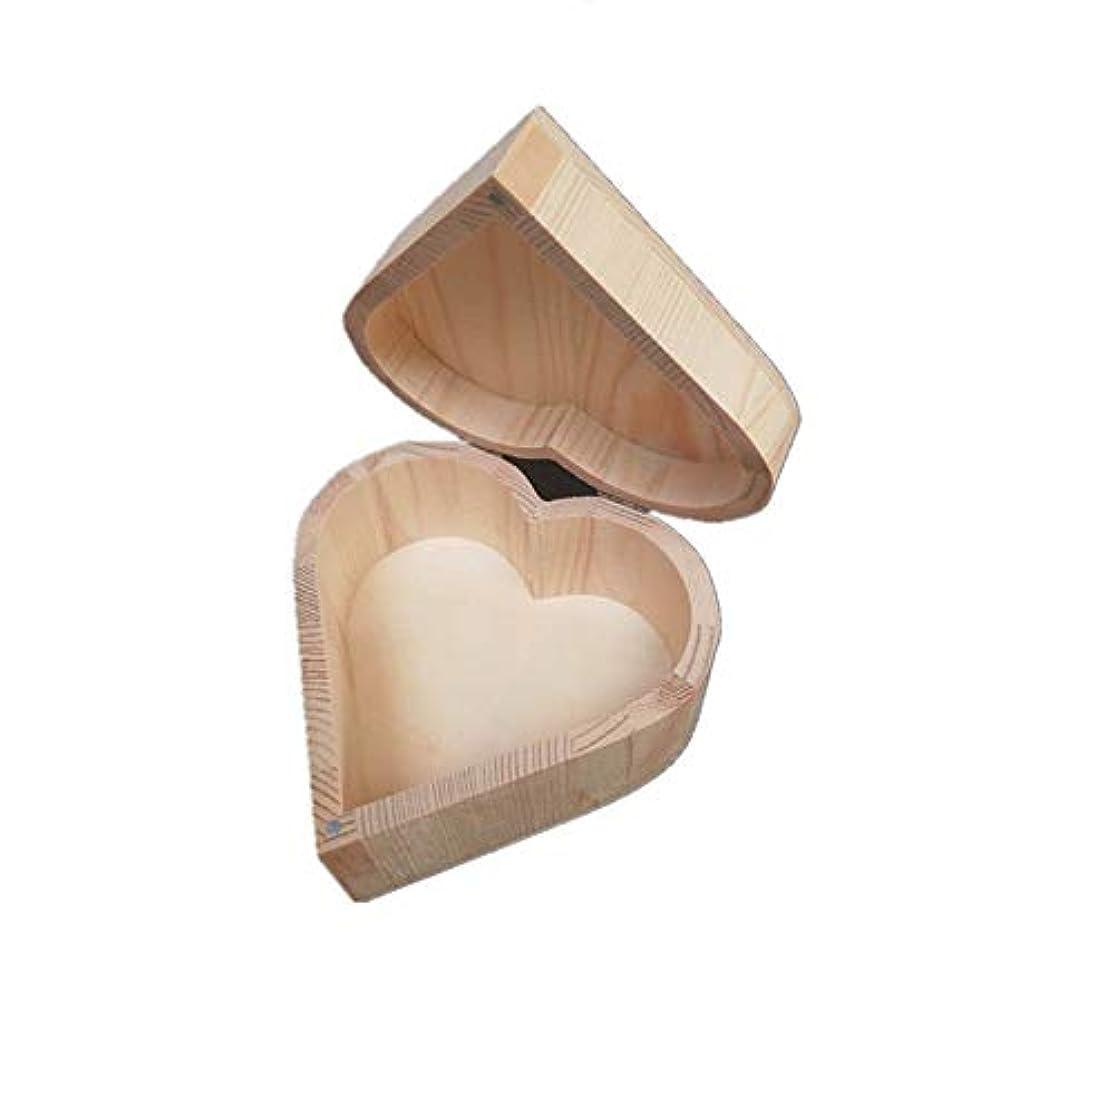 ブロッサムアルカイックサーカスエッセンシャルオイルボックス ハート型木製ボックスエッセンシャルオイル完璧なケース手作り収納ボックス アロマセラピー収納ボックス (色 : Natural, サイズ : 13X13X7CM)